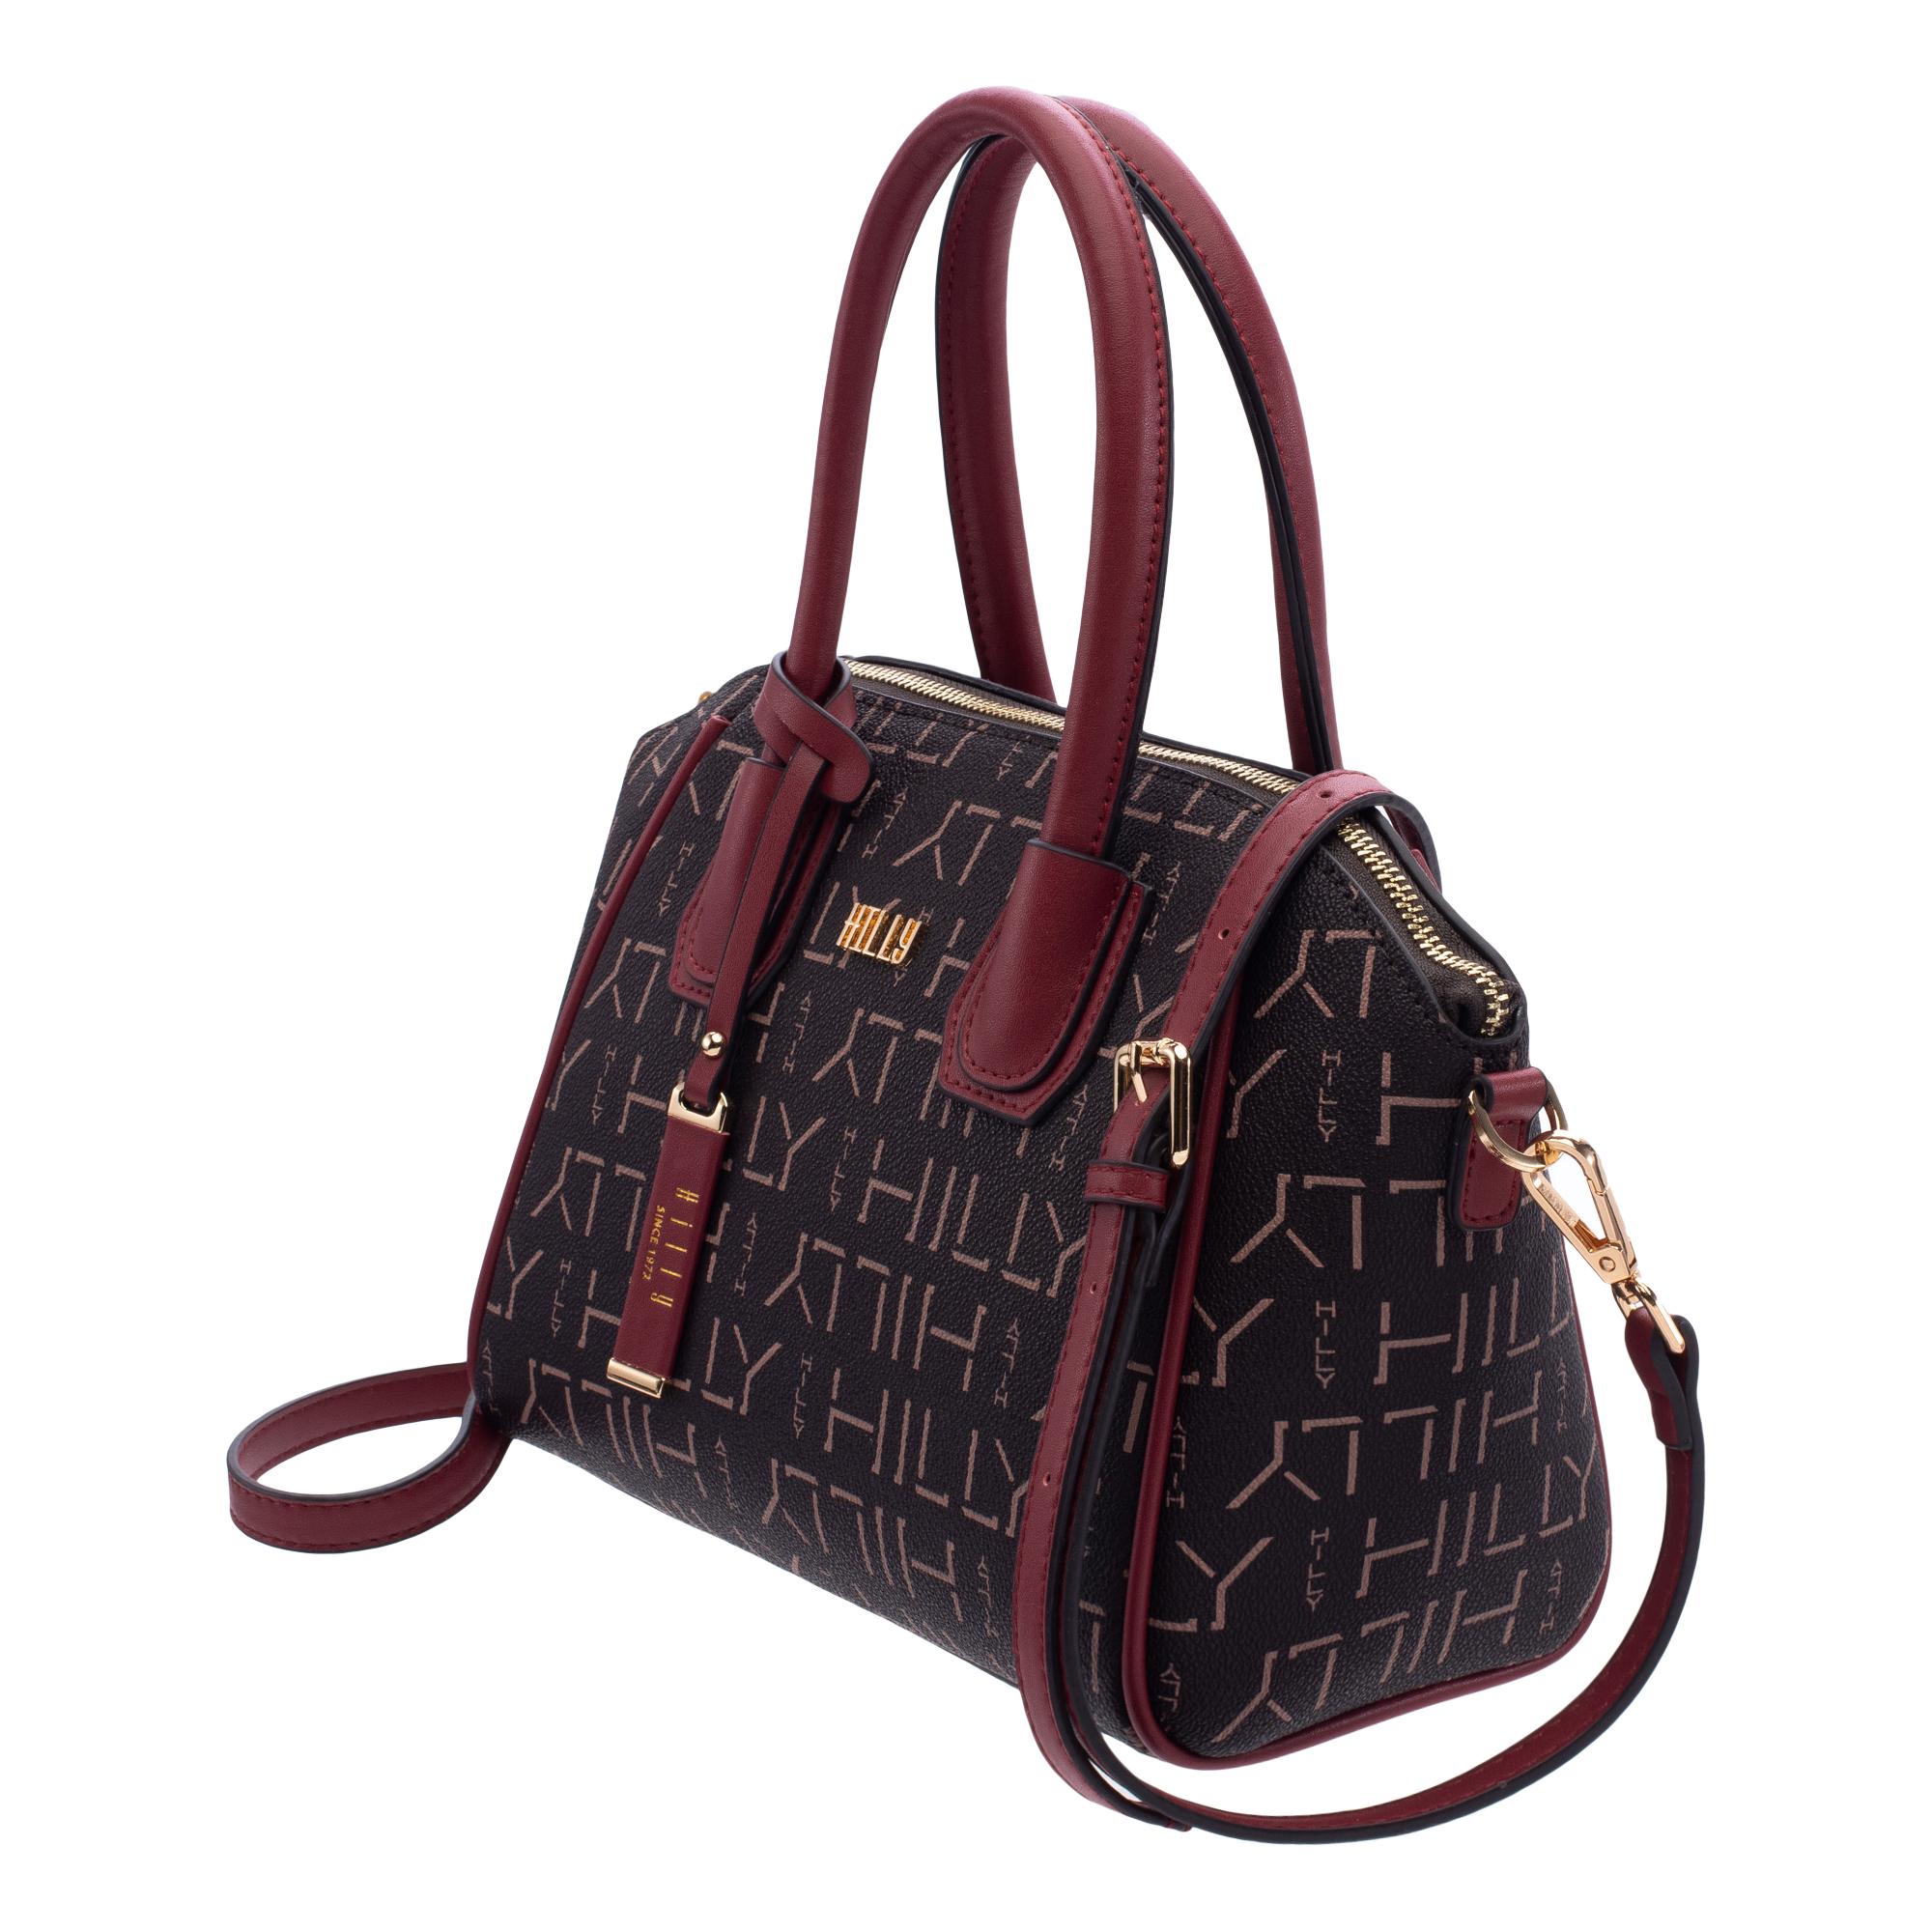 Hilly Premium Tote Bag (SET)